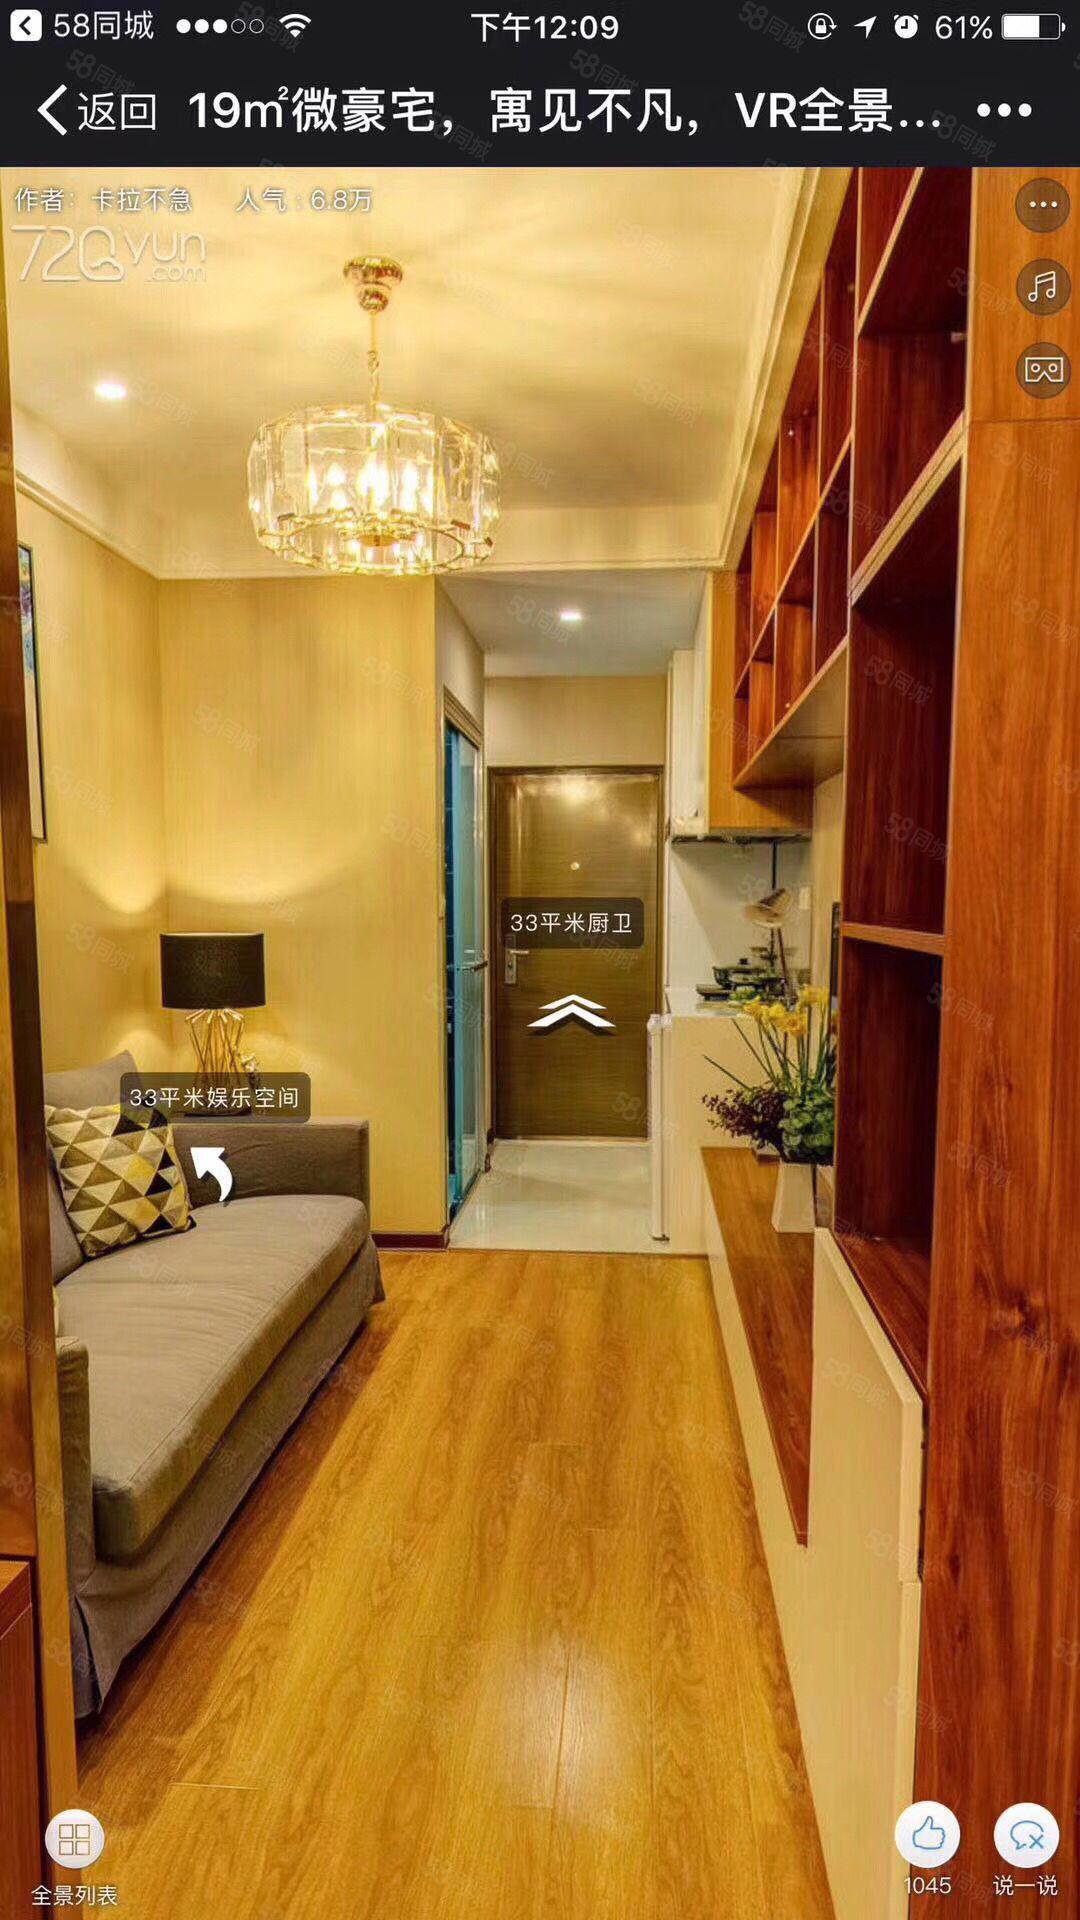 南港精装修公寓,年底交房,4万订房,月供1000,临地铁